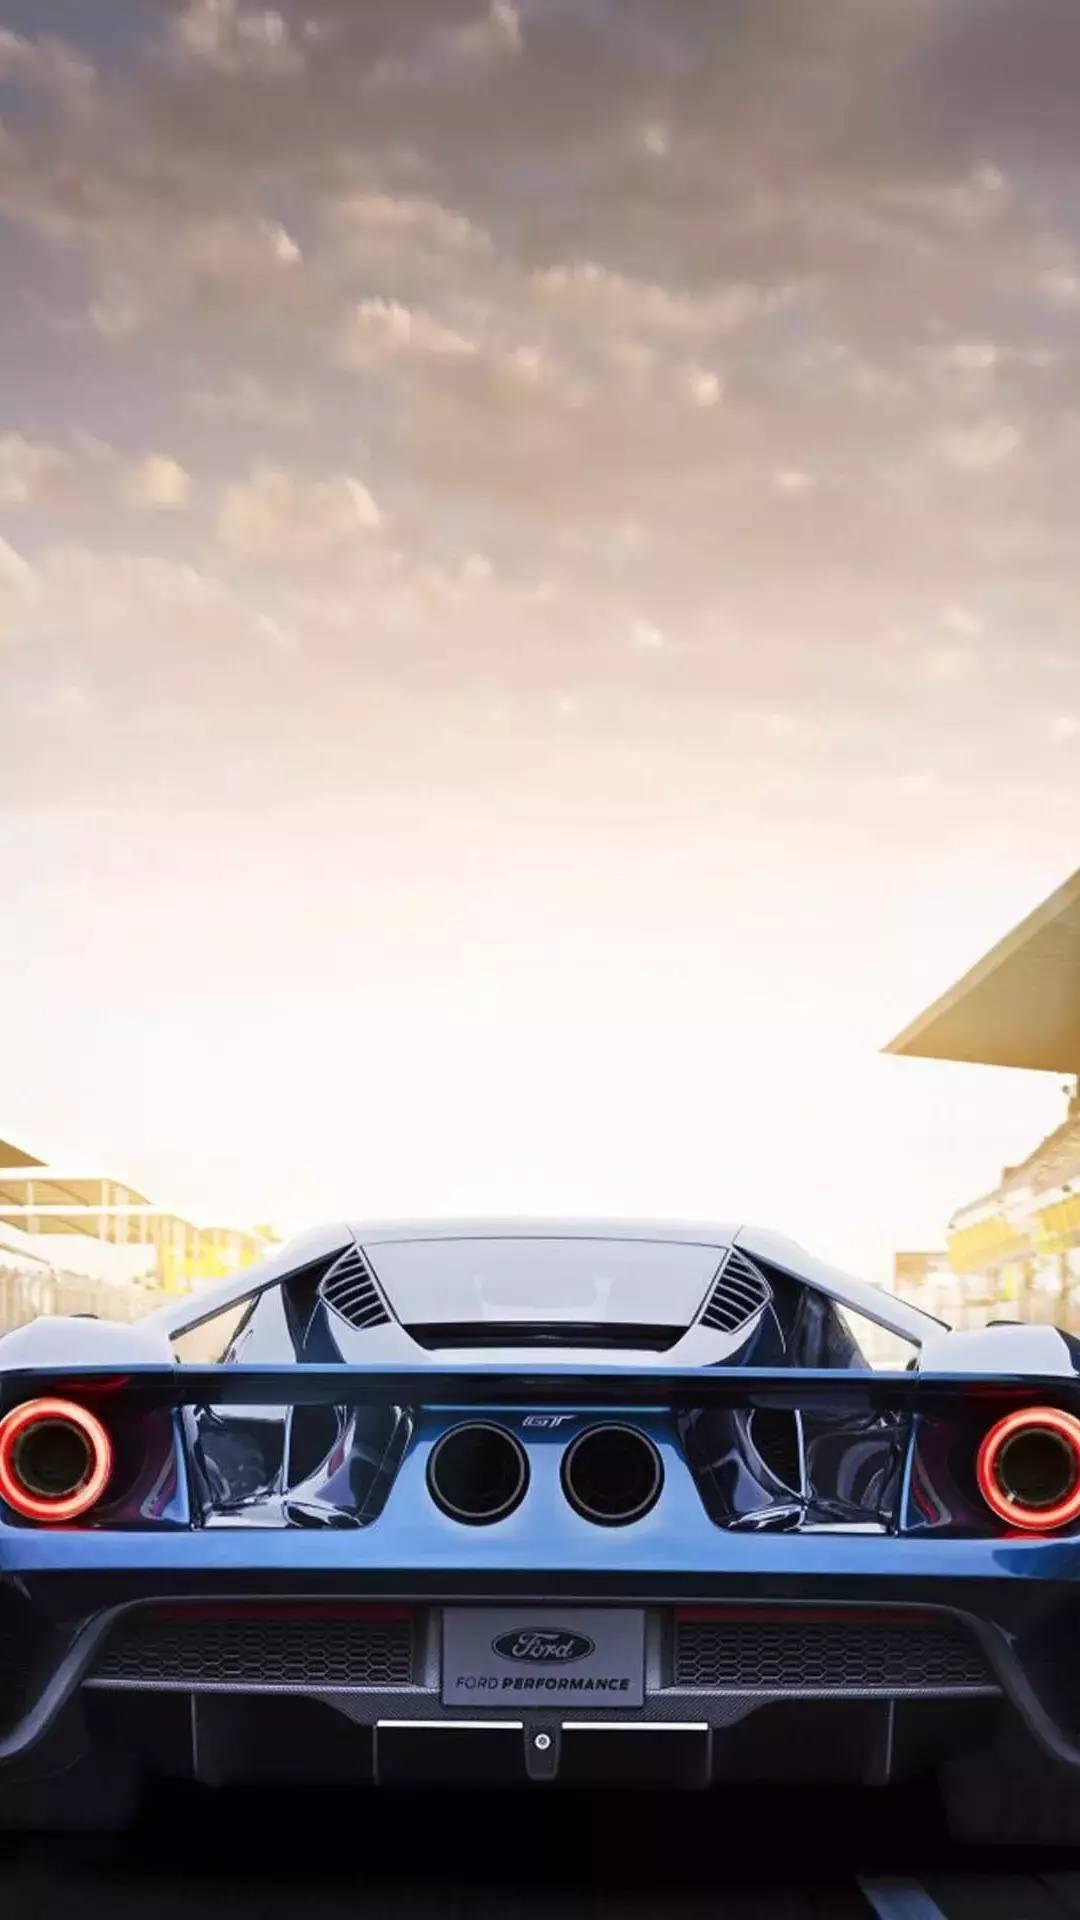 十大最美汽车壁纸